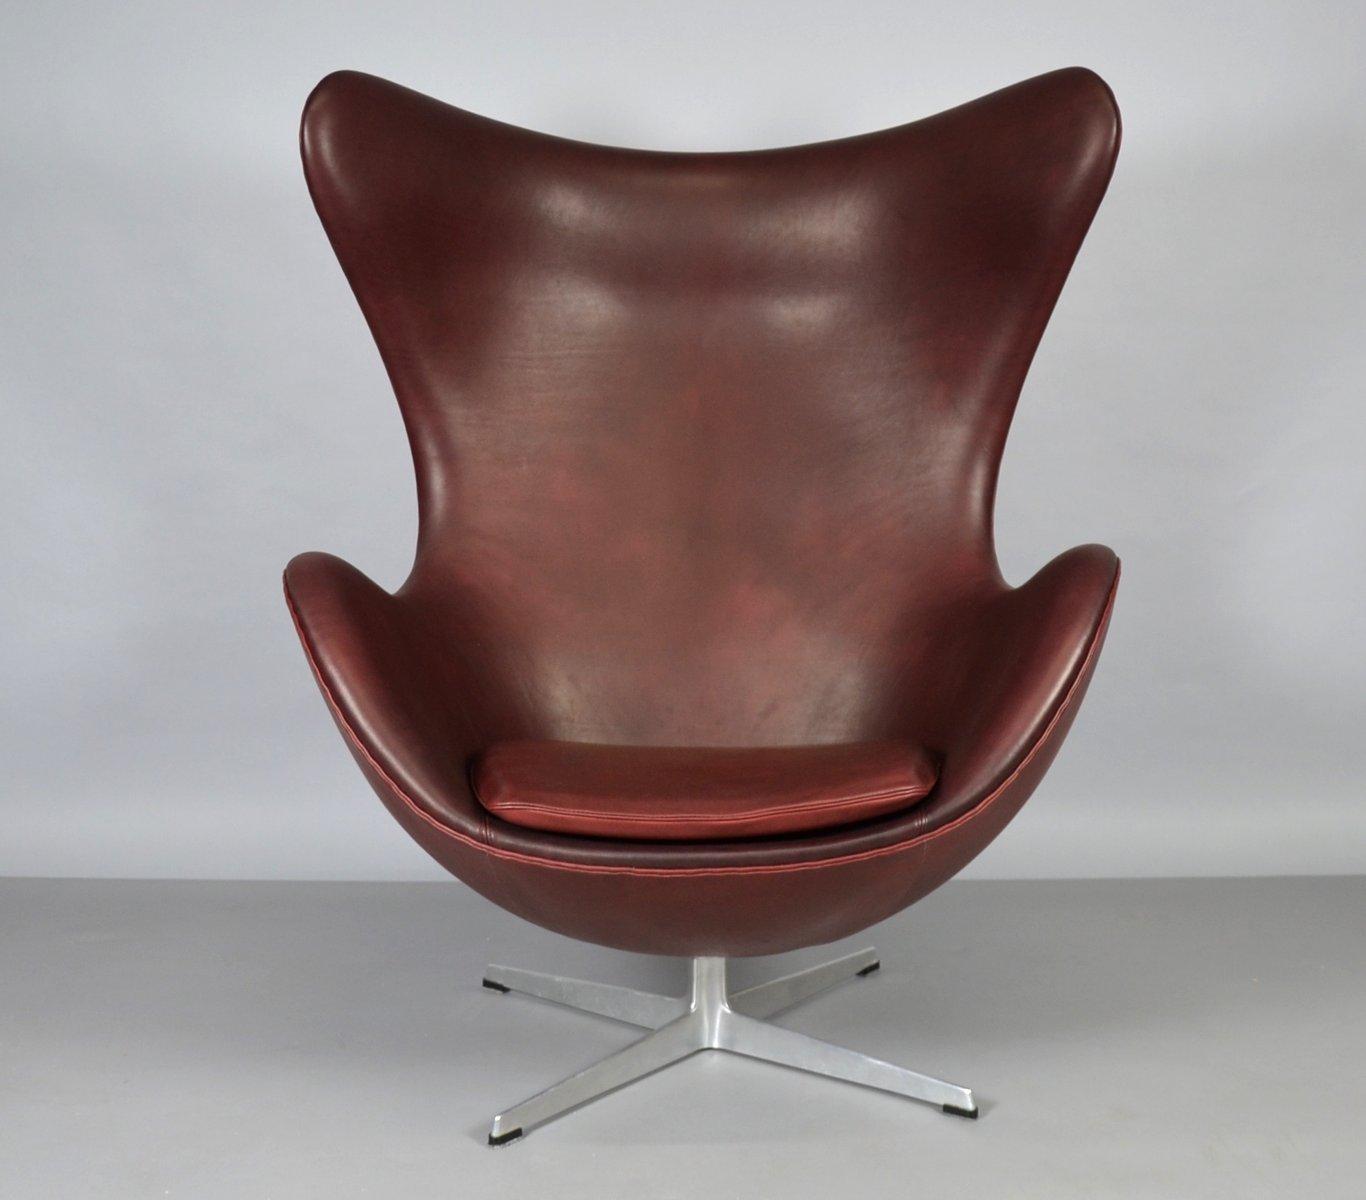 Leather Egg Chair By Arne Jacobsen For Fritz Hansen 1965